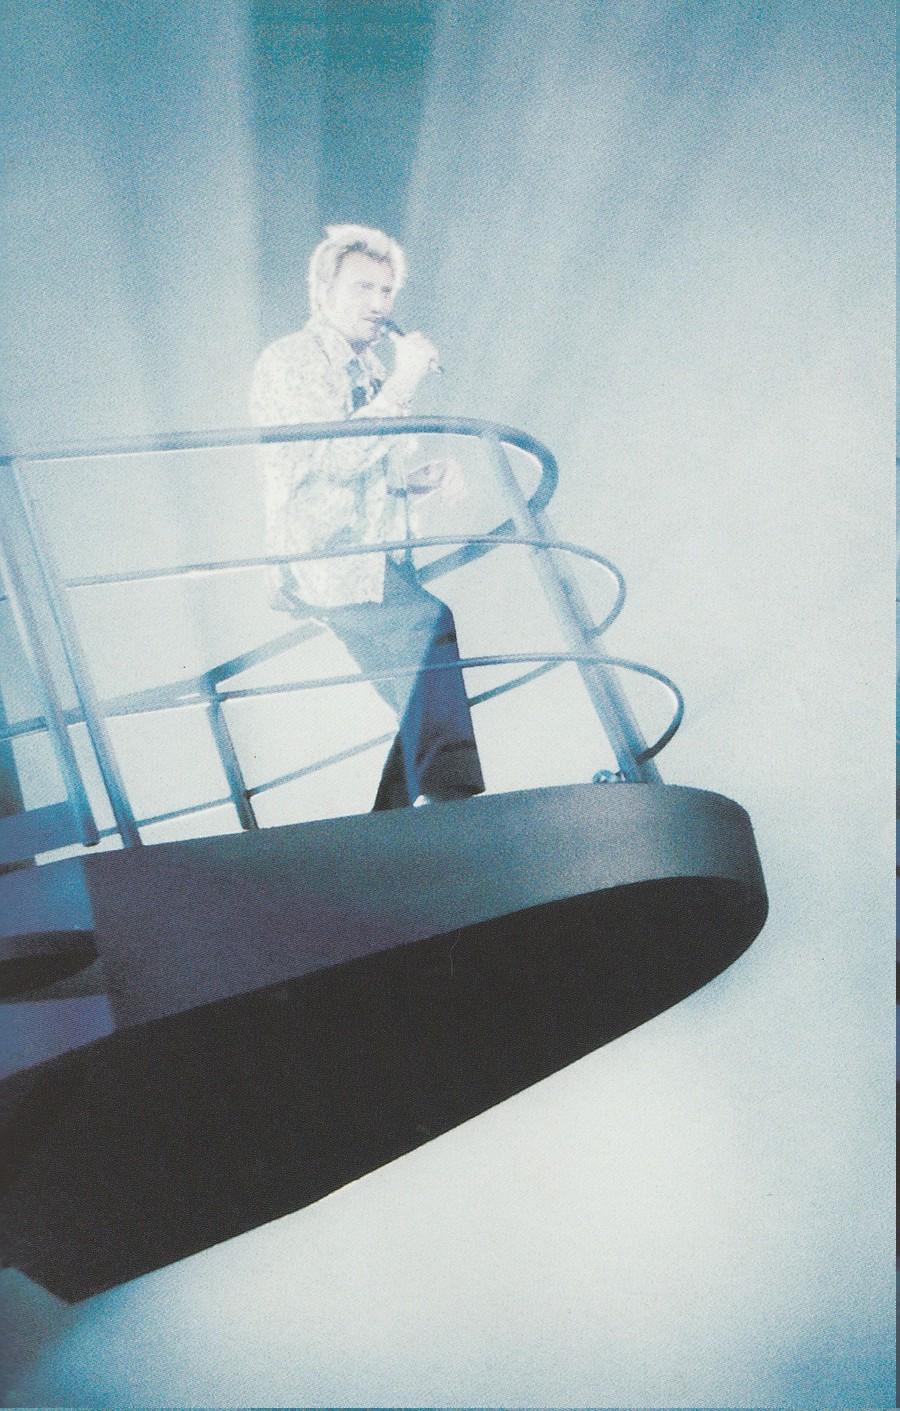 LES CONCERTS DE JOHNNY 'STADE DE FRANCE, SAINT-DENIS 1998' Img_2382